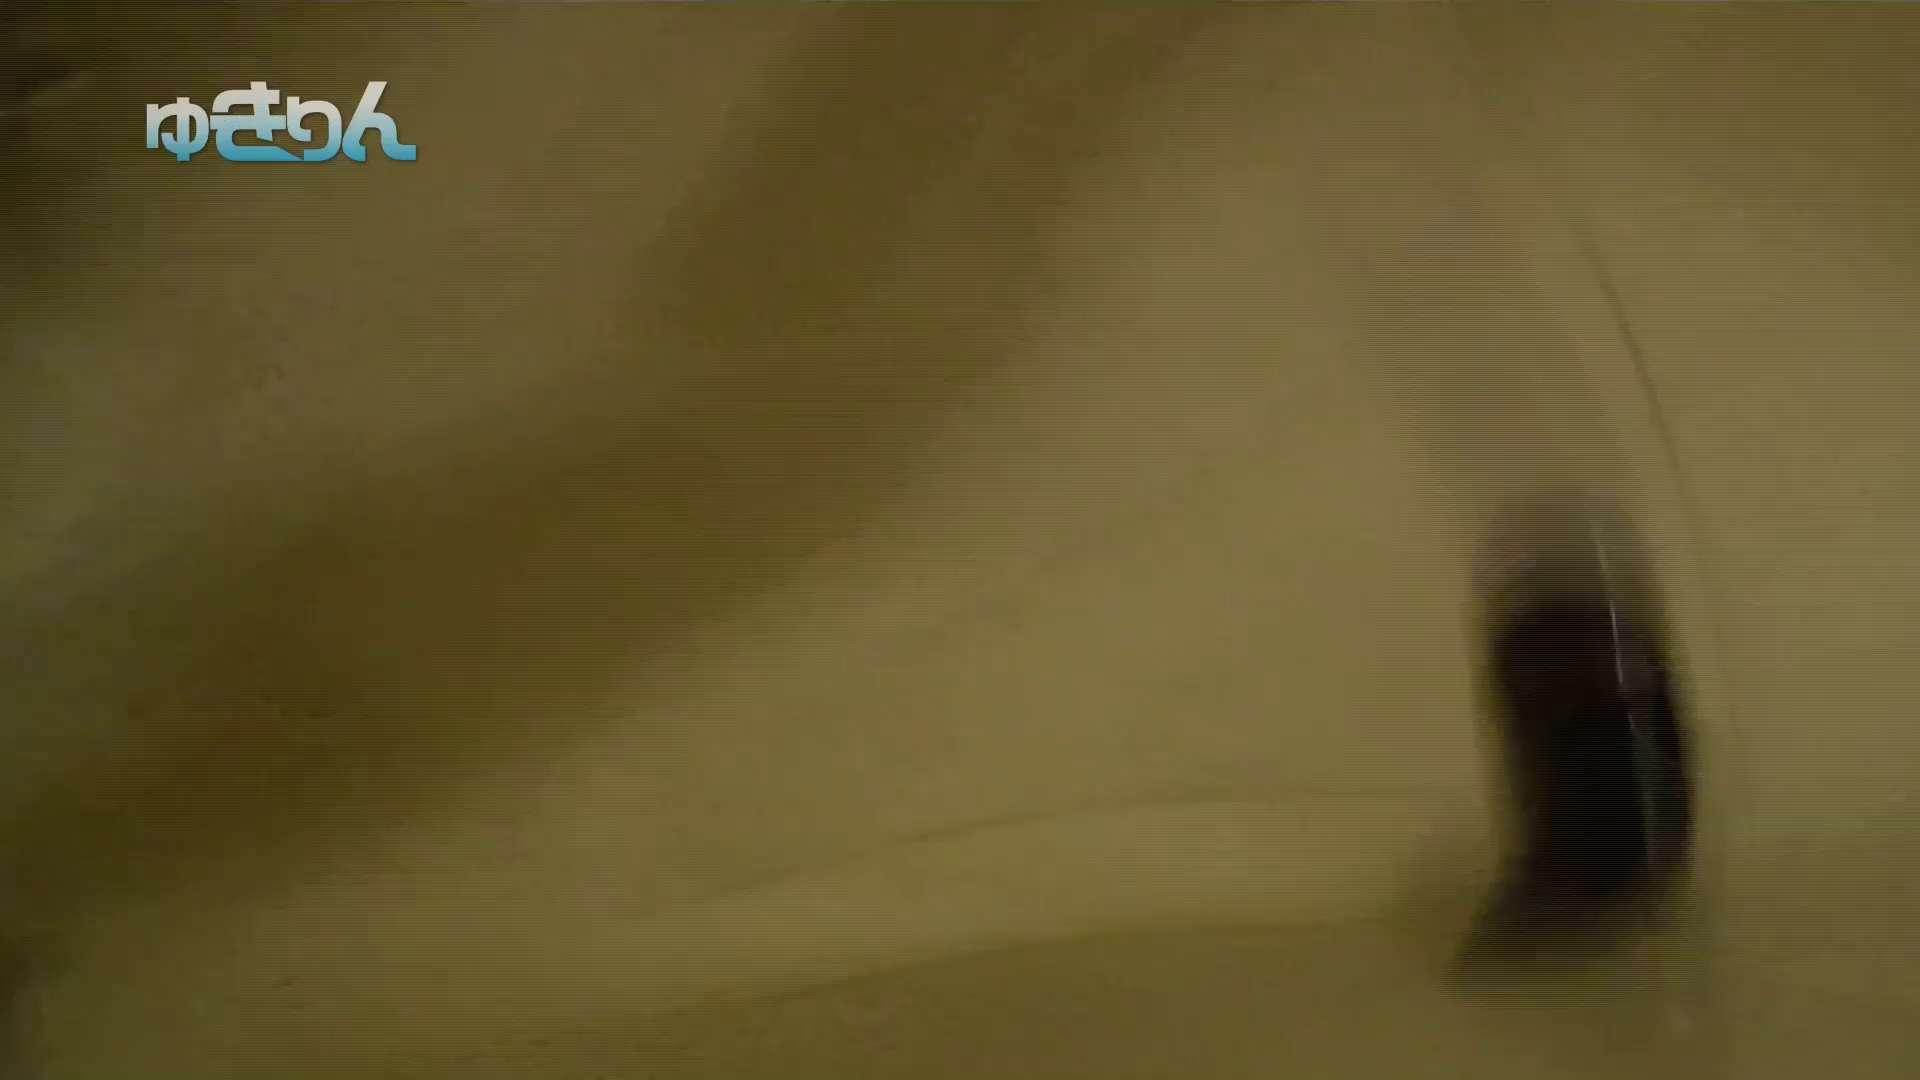 新世界の射窓 無料お試し動画02 丸見え オマンコ無修正動画無料 89画像 15